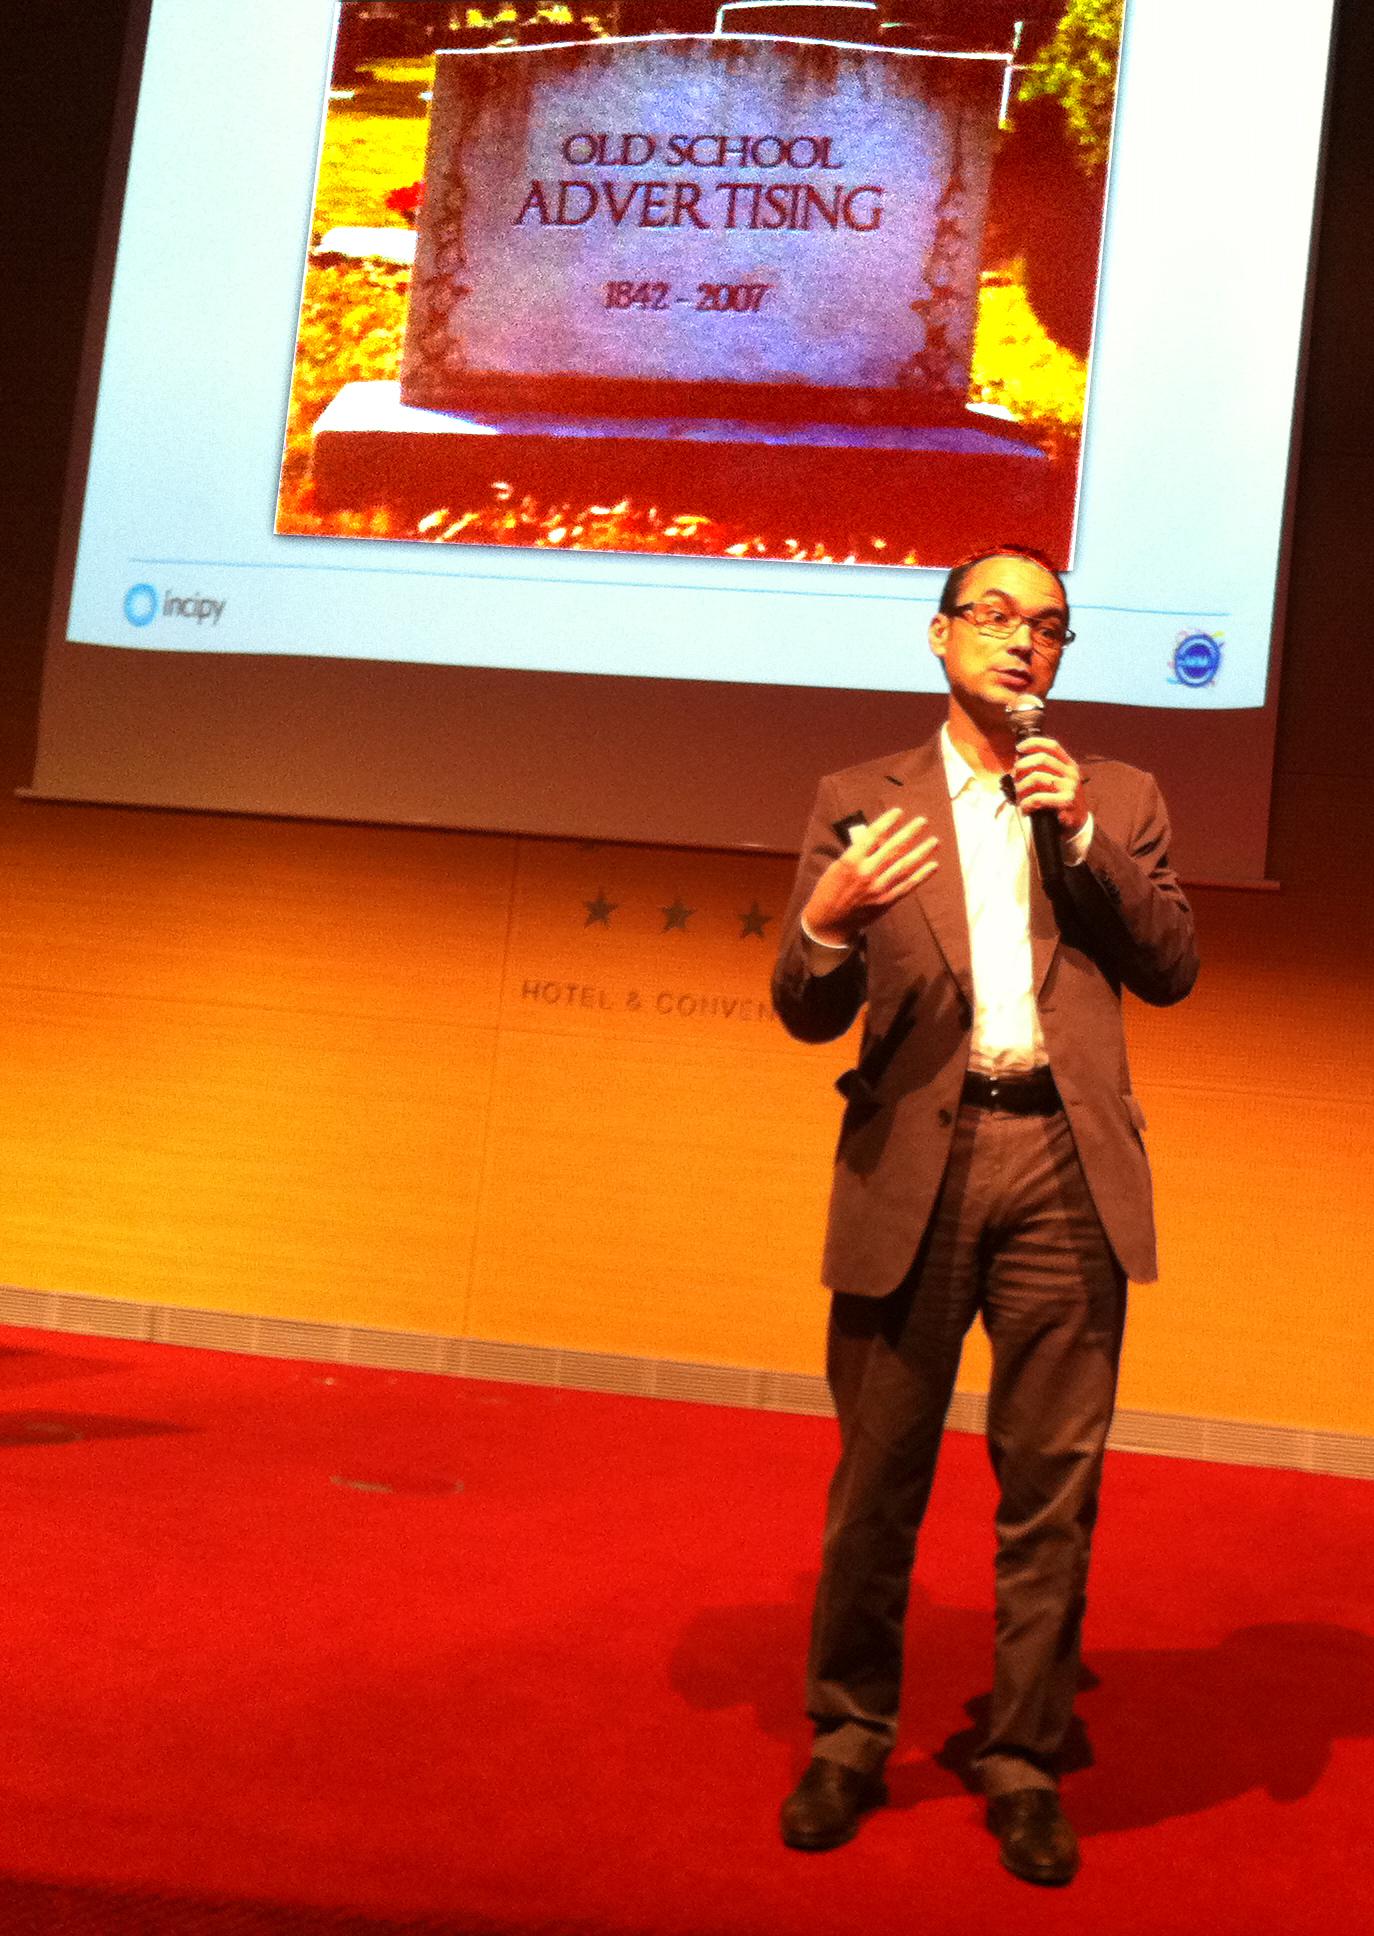 """@prosales en su conferencia: """"Social Media orientado a resultados"""" """"Old School Advertising - La Publicidad de la vieja escuela"""""""